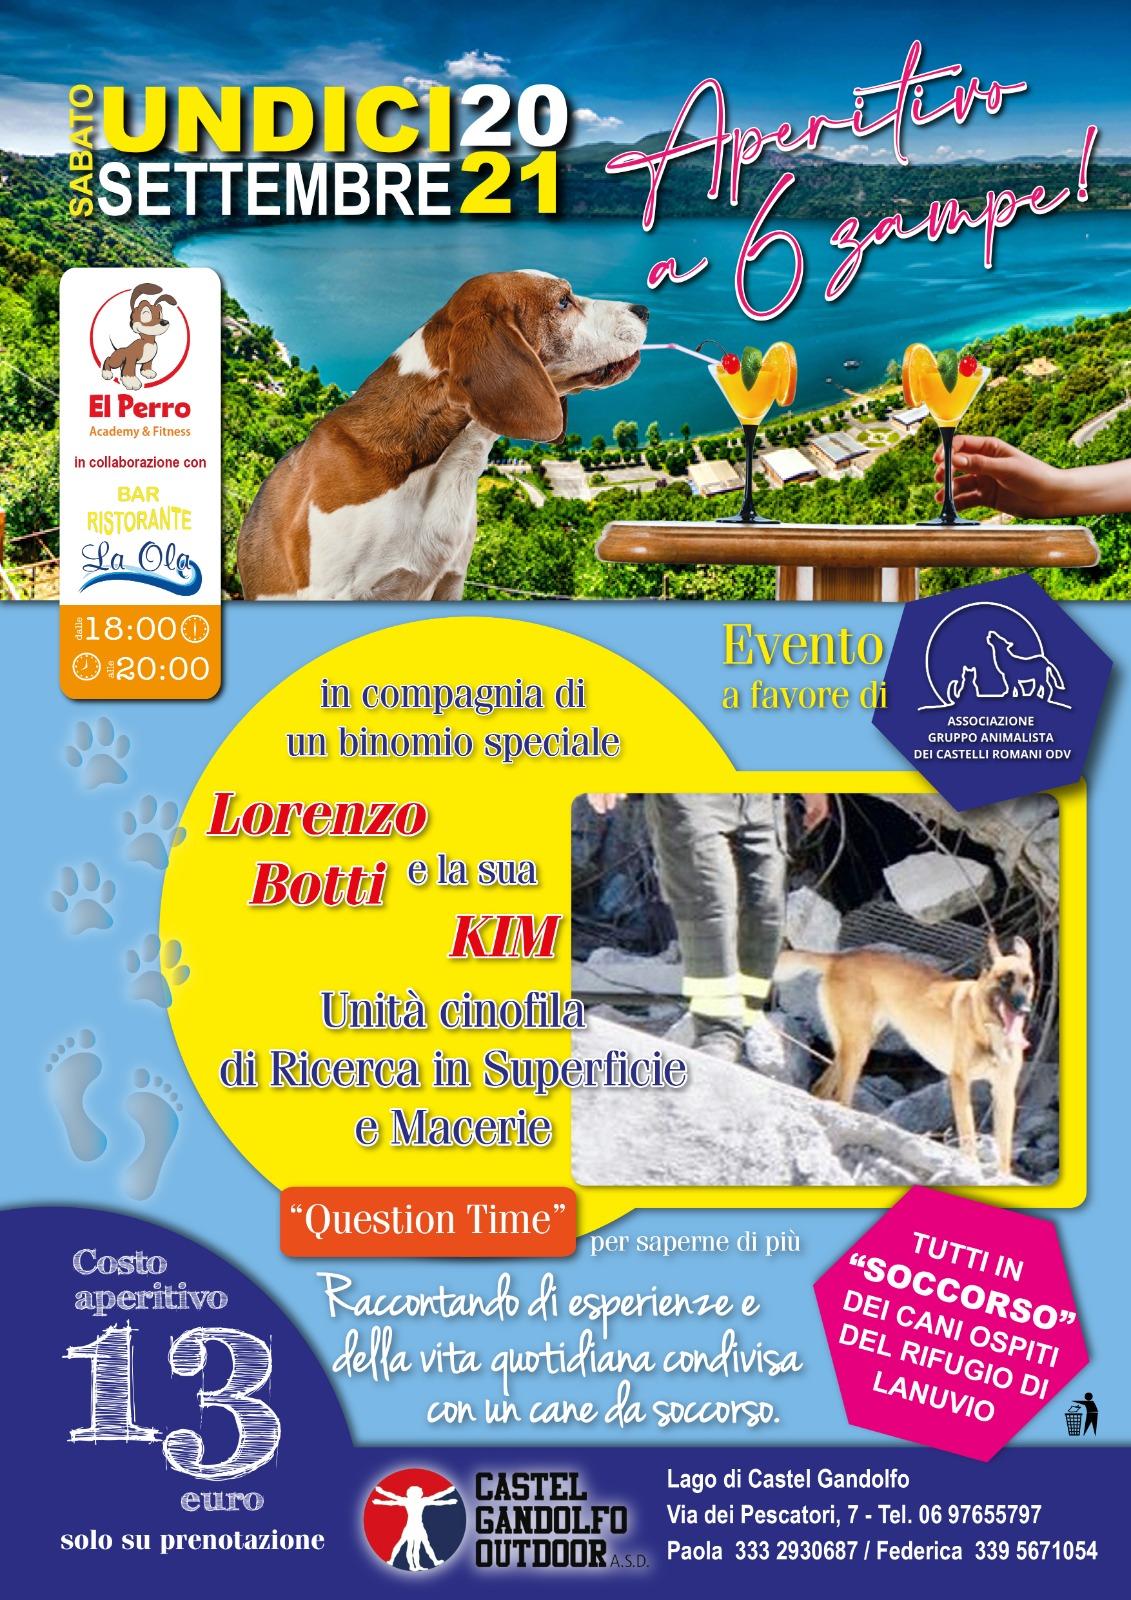 """Castel Gandolfo, al lago l'evento del Gruppo Animalista Castelli Romani """"cani speciali"""", in soccorso dei cani meno fortunati"""